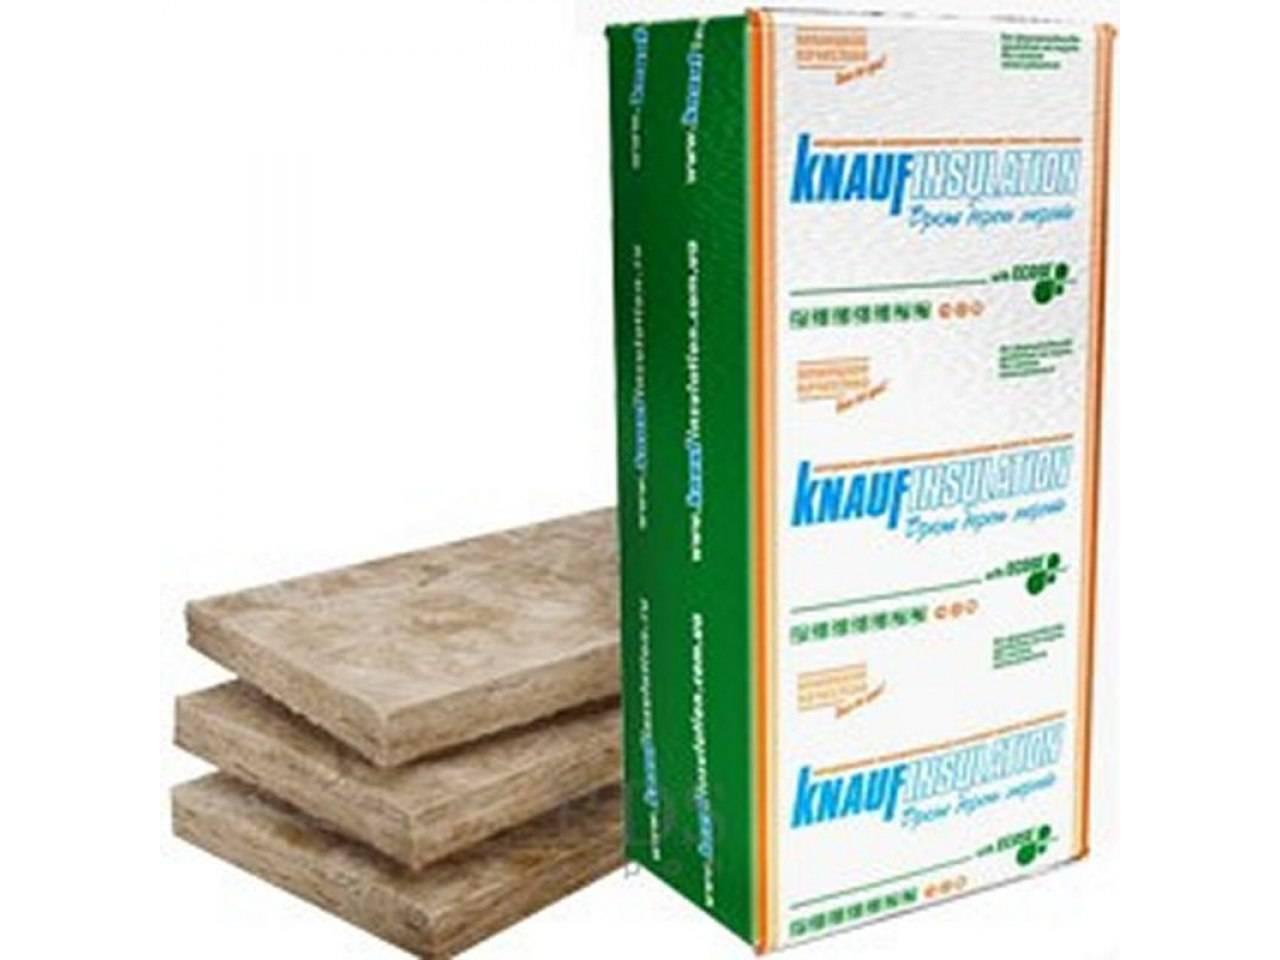 Теплоизоляция для дома кнауф, технические характеристики и область применения утеплителя knauf